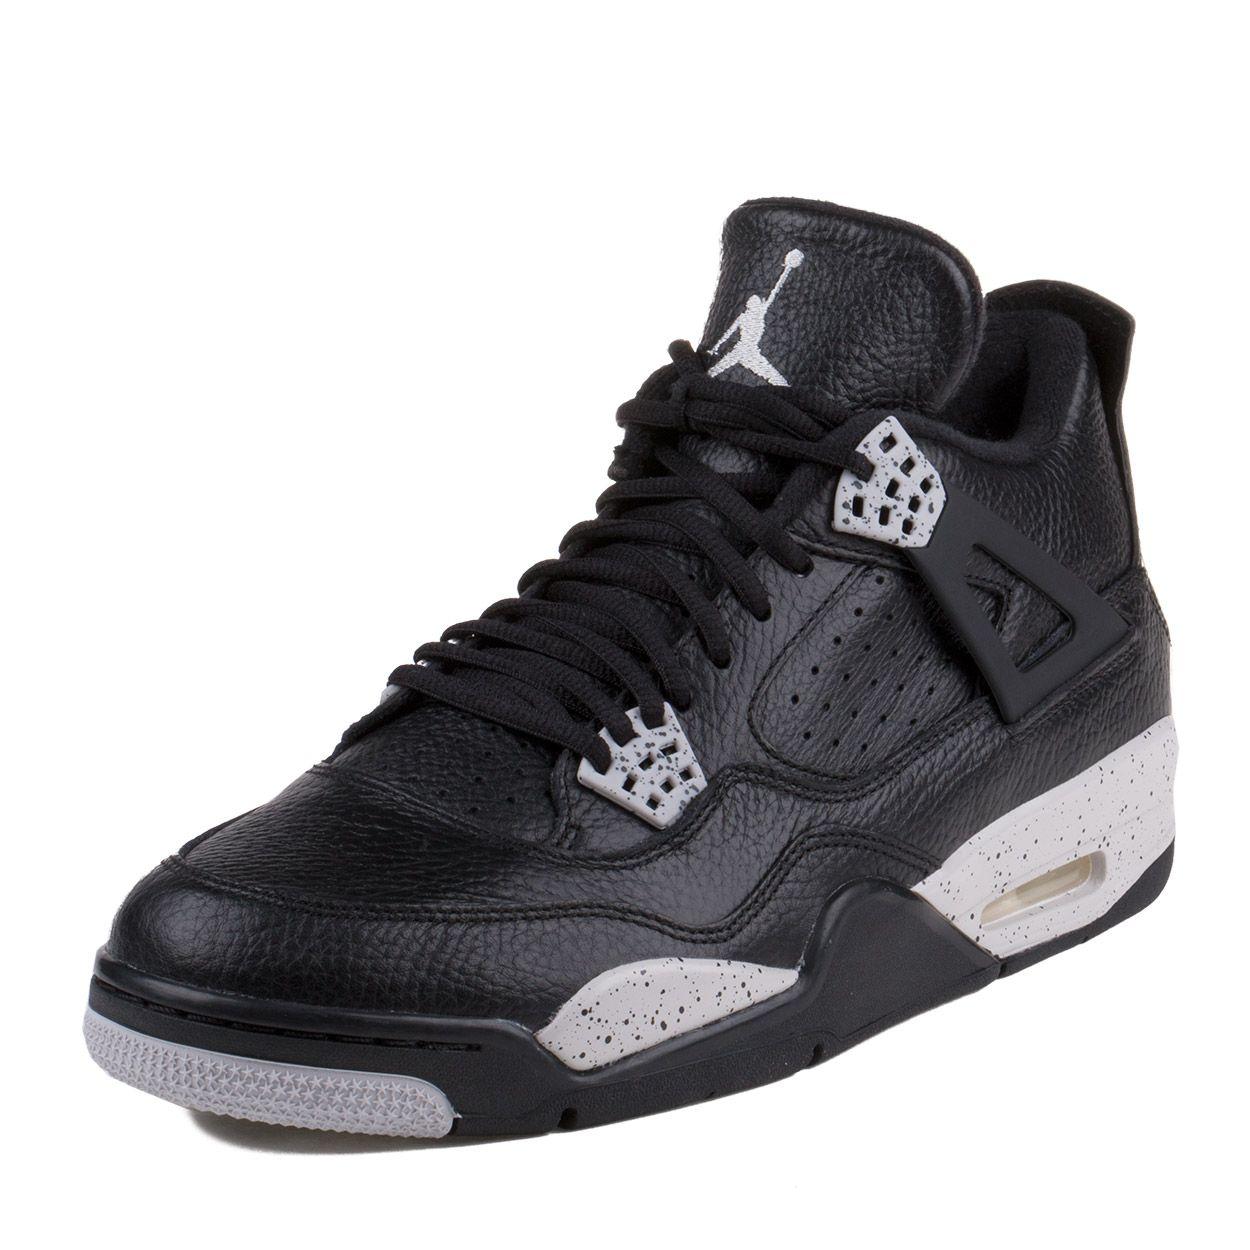 """Nike Mens Air Jordan 4 Retro LS """"Oreo"""" Black/Tech Grey"""